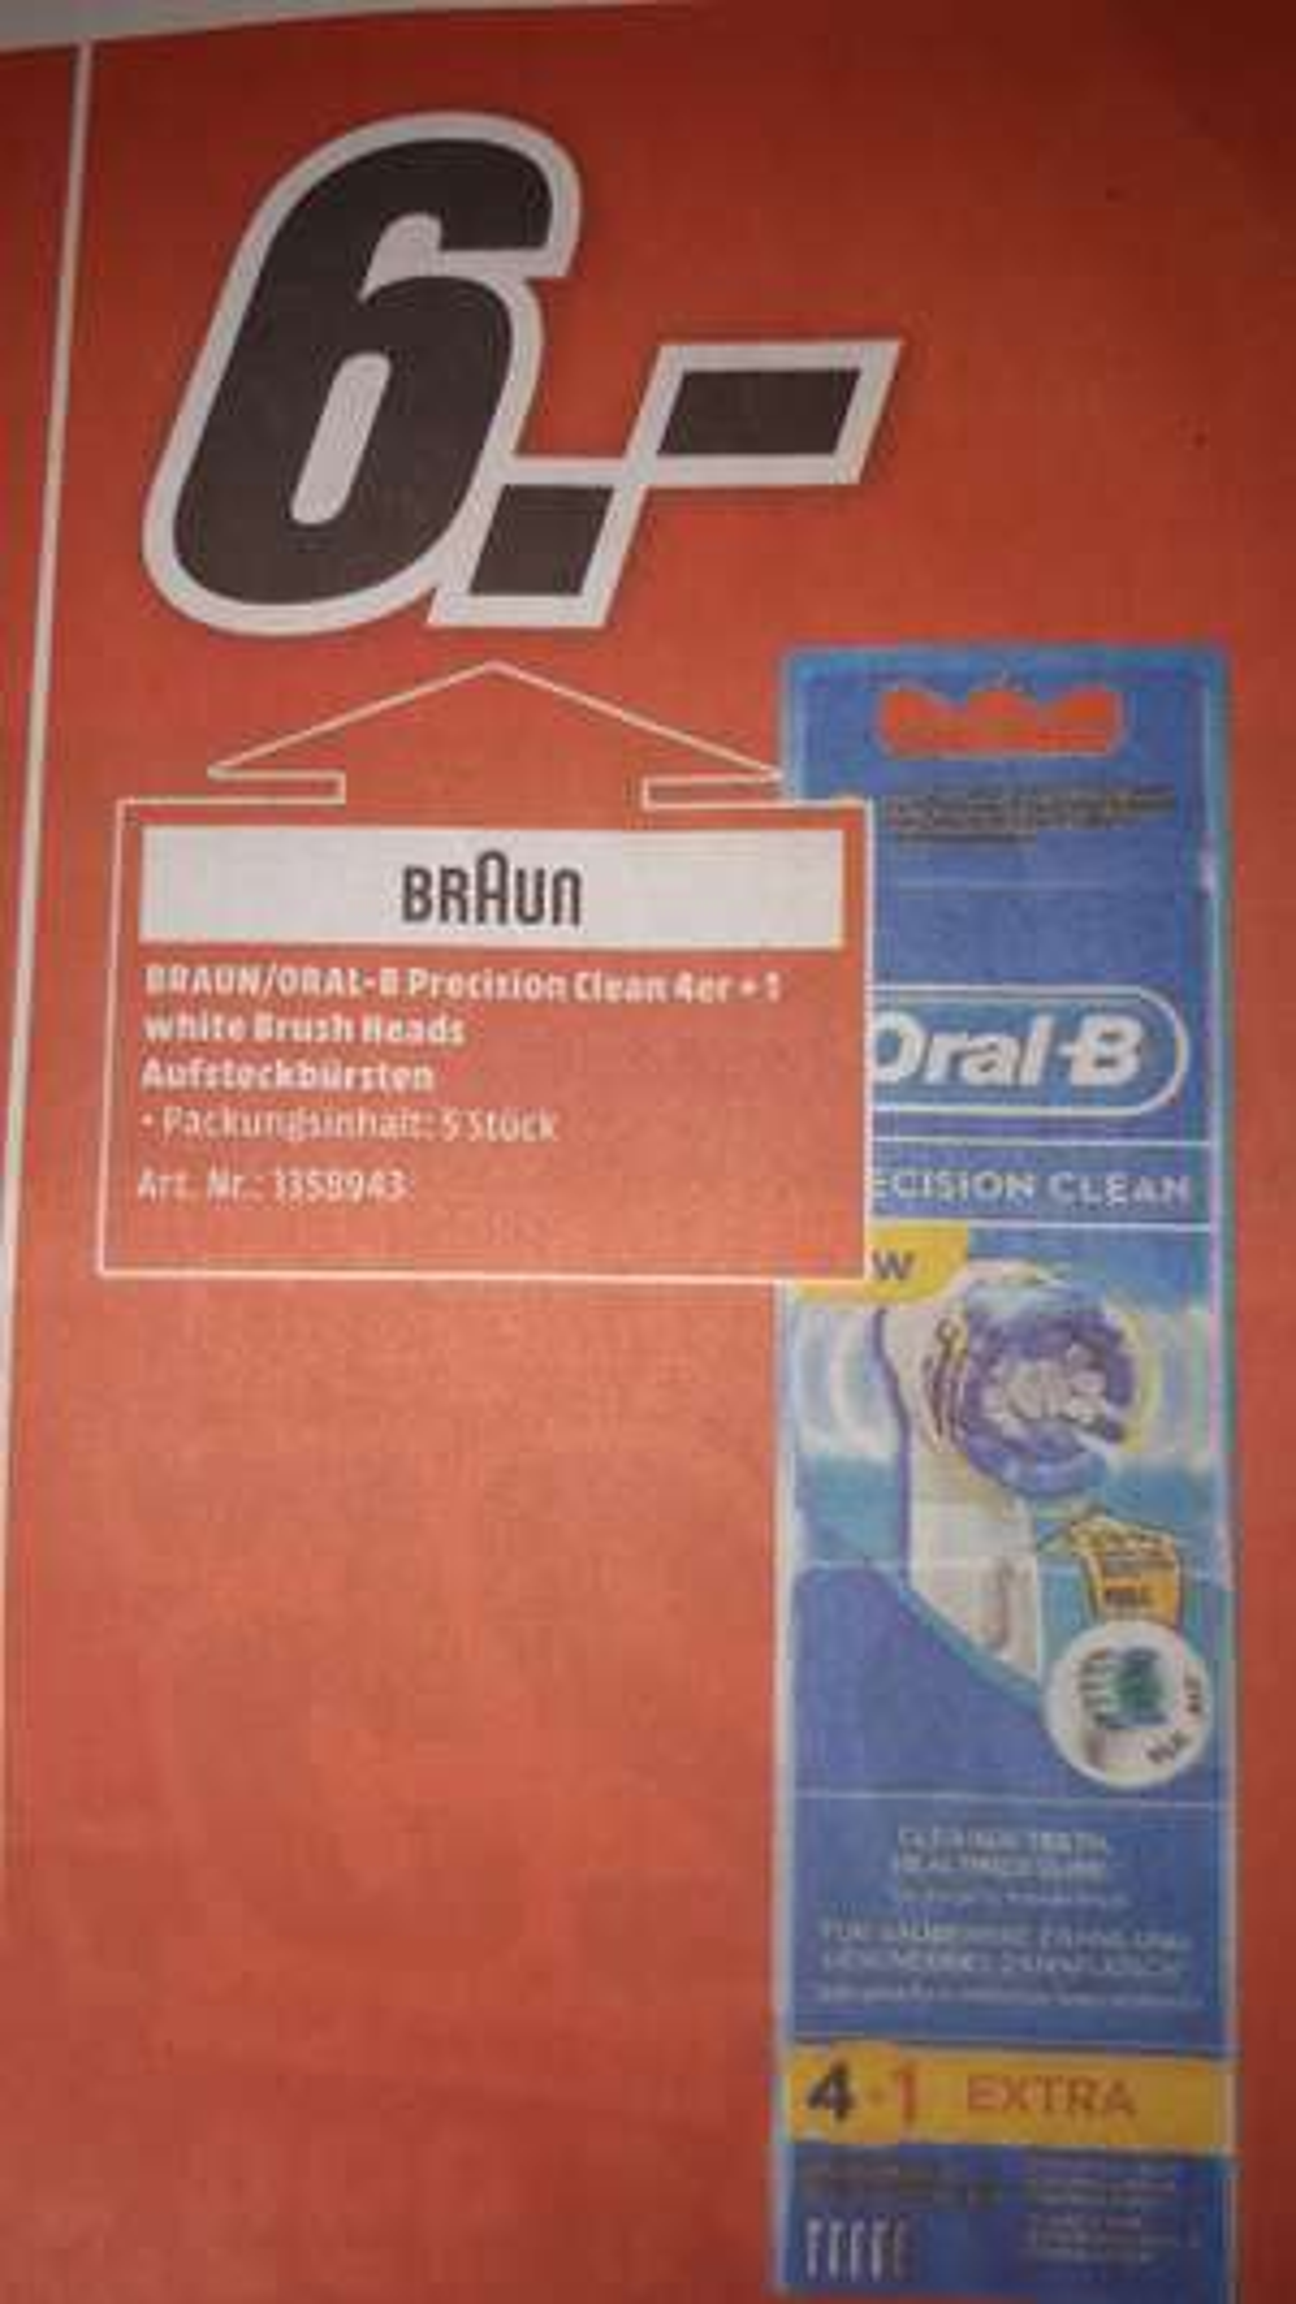 Oral B Precision Clean 4+1 Aufsteckbürsten [lokal Heidelberg]